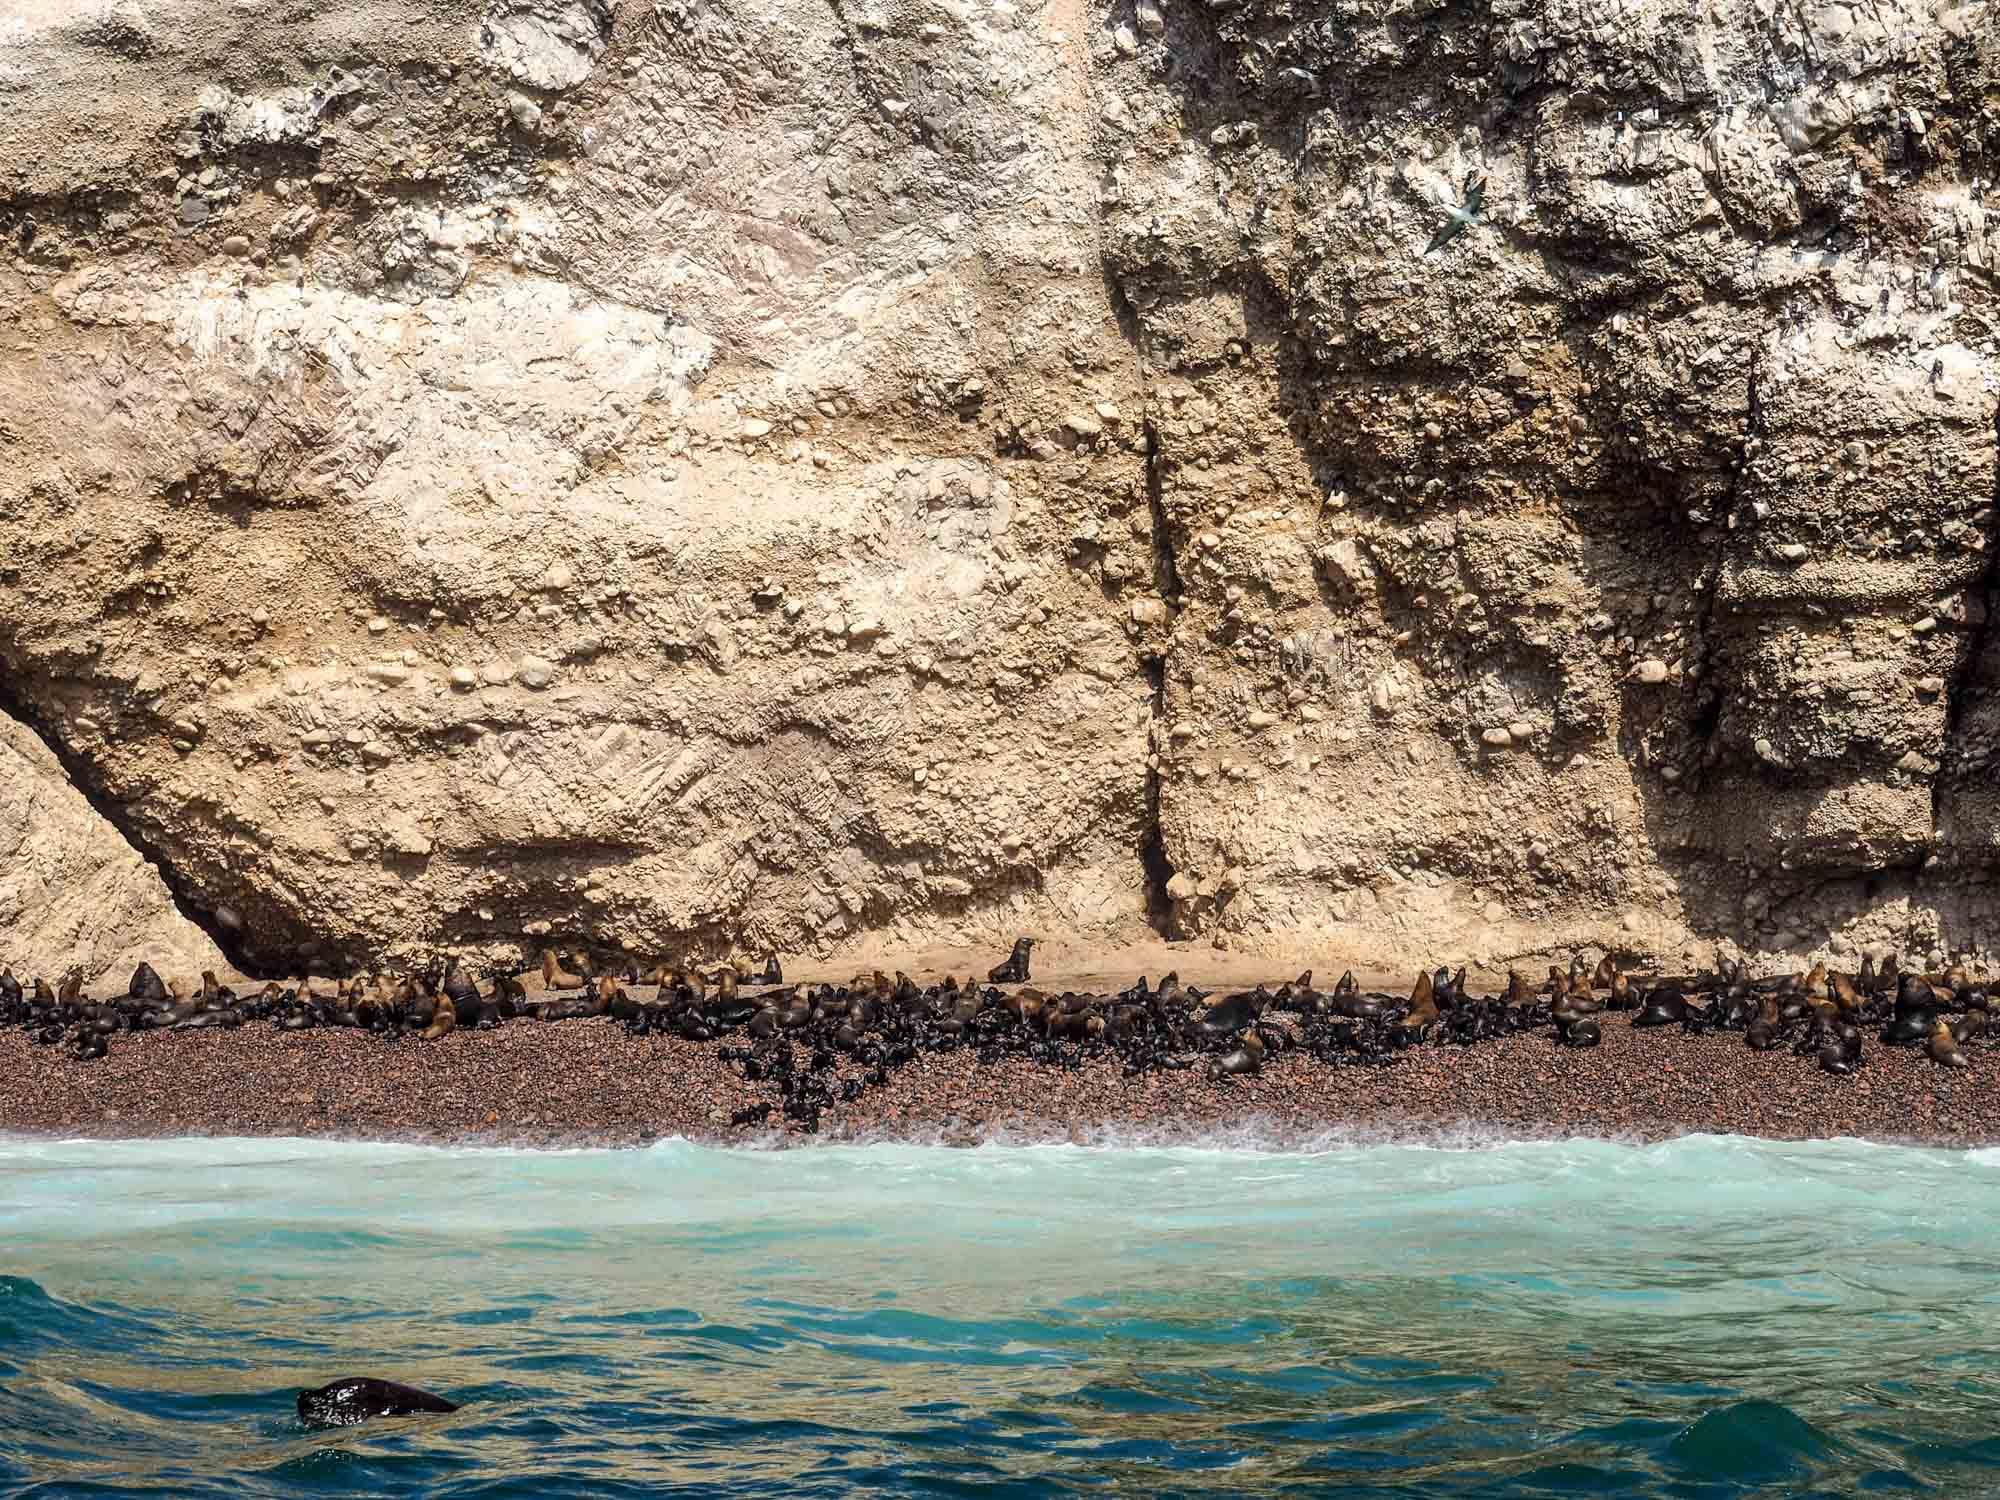 sea lions in islas ballestas